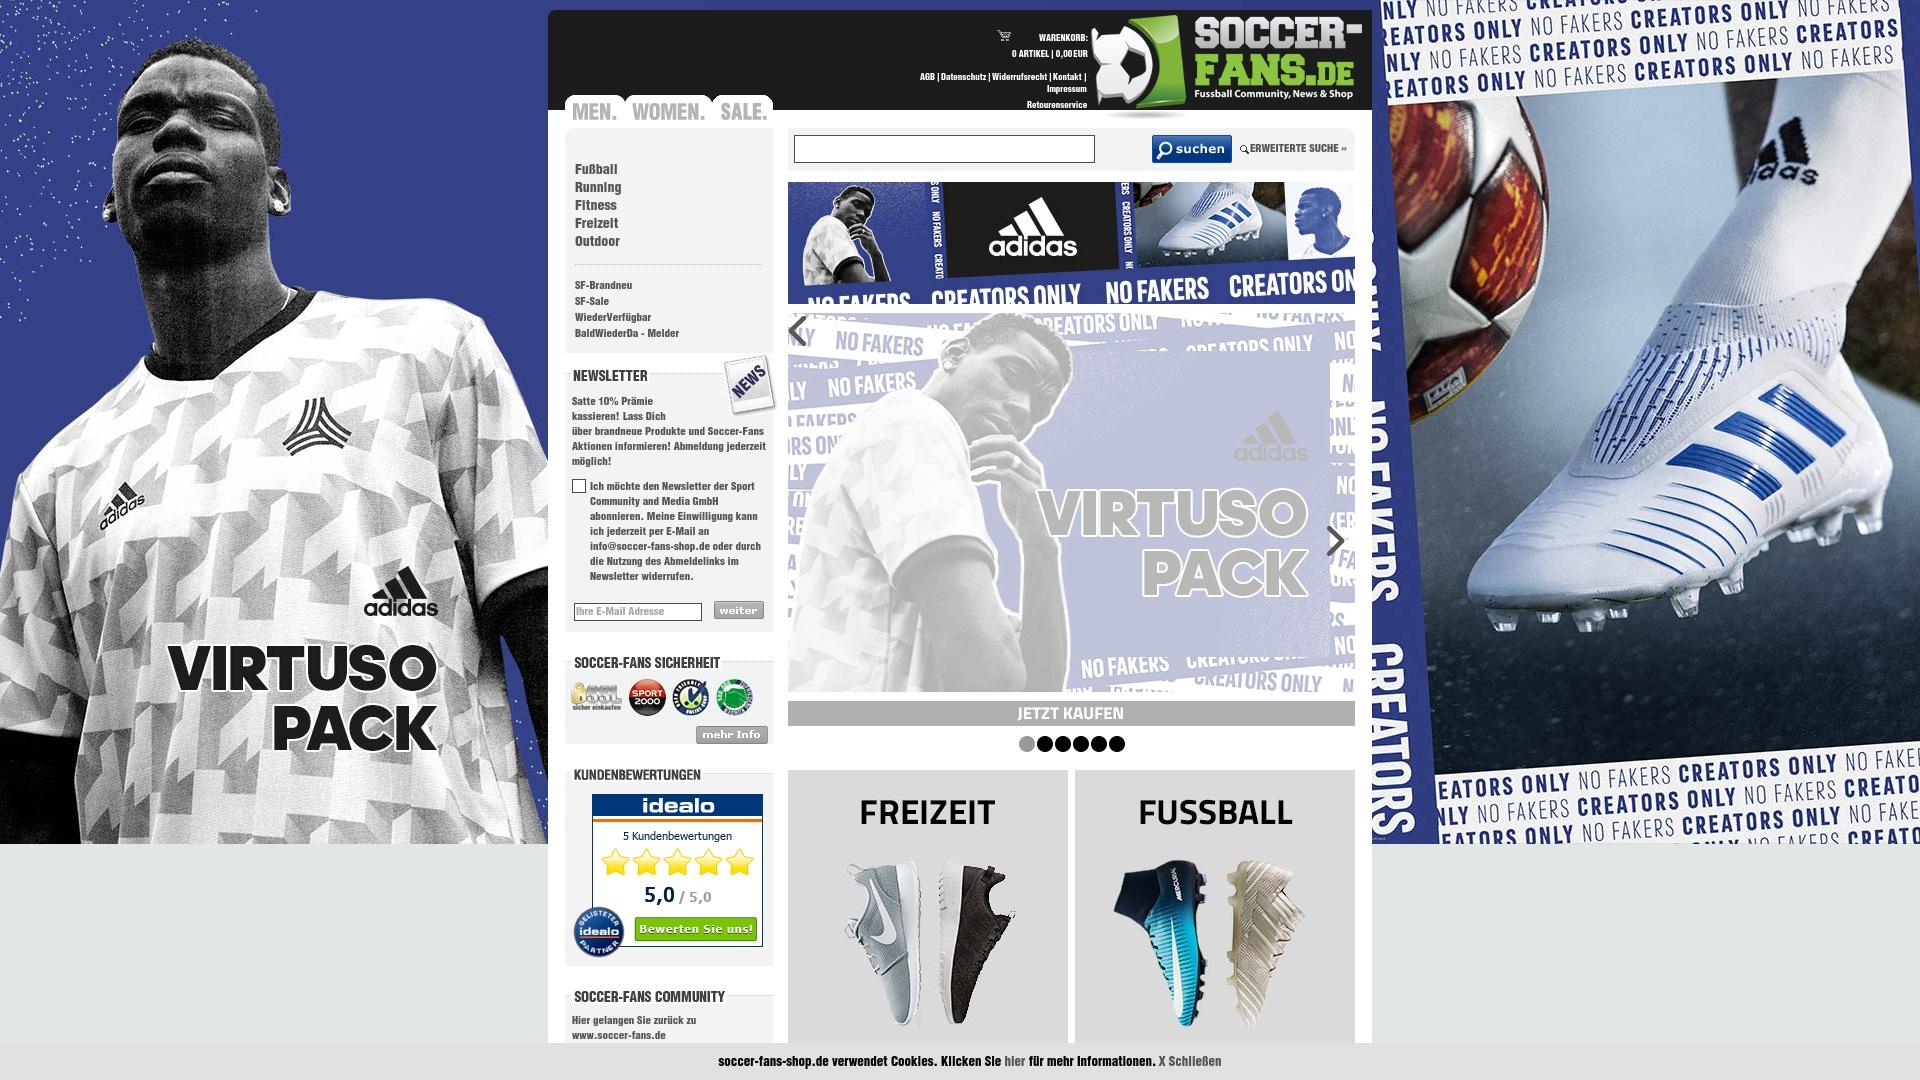 Gutschein für Soccer-fans-shop: Rabatte für  Soccer-fans-shop sichern